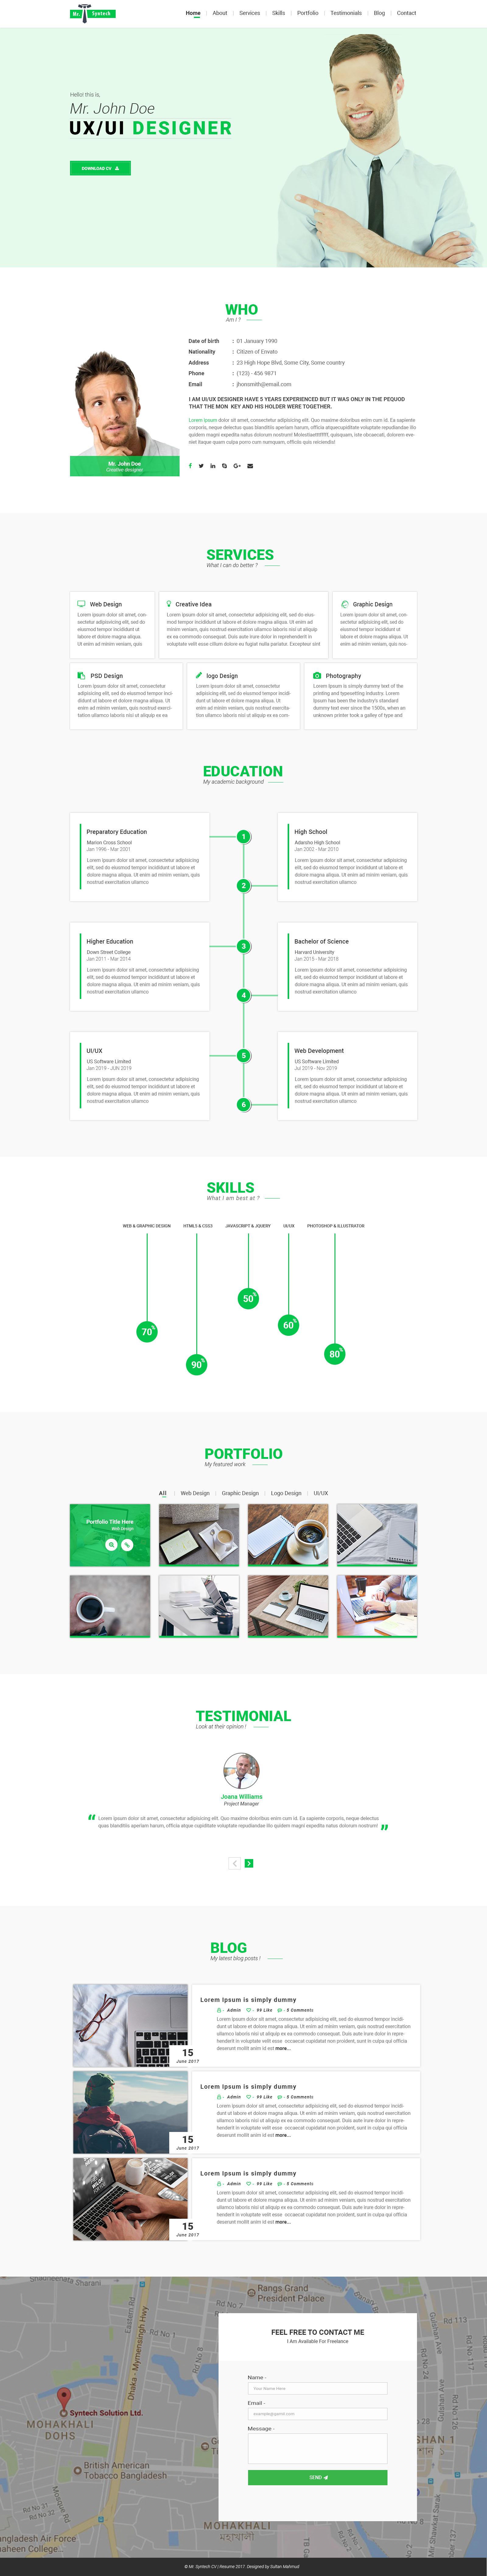 Fantastisch Ui Designer Lebenslauf Psd Zeitgenössisch - Beispiel ...